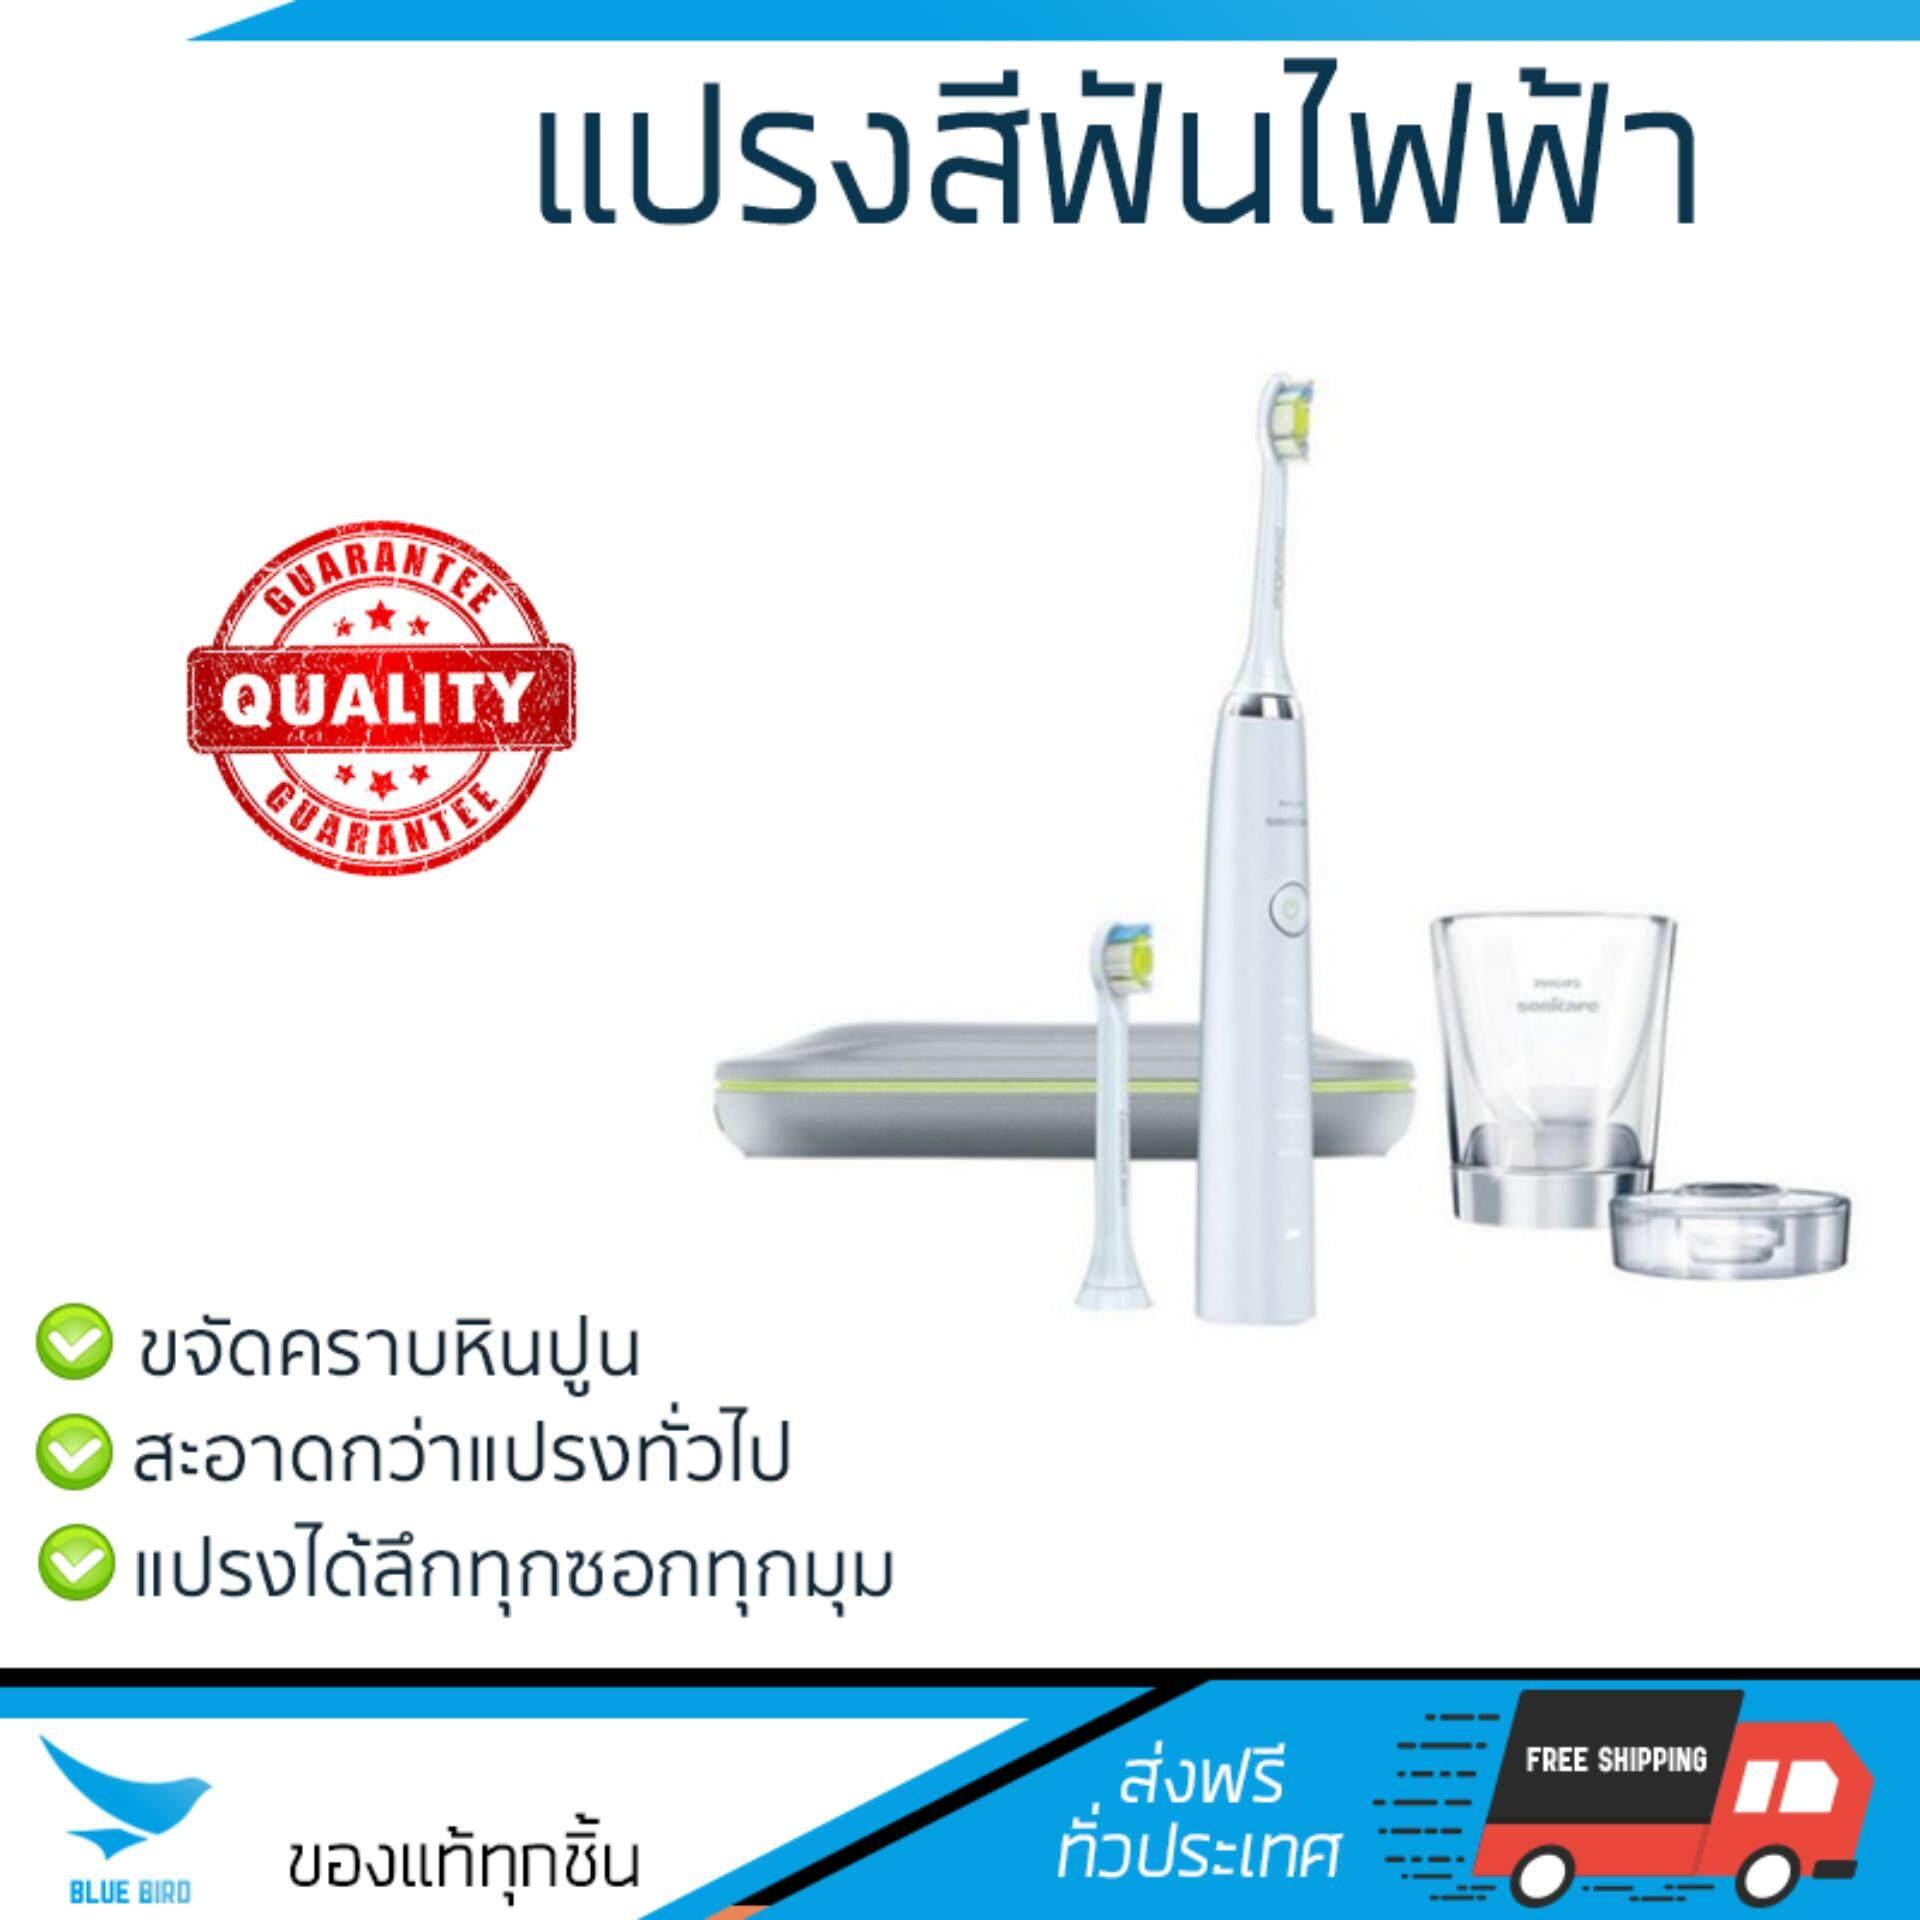 แปรงสีฟันไฟฟ้า ช่วยดูแลสุขภาพช่องปาก กรุงเทพมหานคร รุ่นใหม่ล่าสุด แปรงสีฟัน แปรงสีฟันไฟฟ้า แปรงสีฟันไฟฟ้า PHILIPS HX9332 04  PHILIPS  HX9332 04 สะดวก แปรงได้ลึกทุกซอกทุกมุม นุ่มนวล สะอาดกว่าแปรงทั่วไป Electric Toothbrushes จัดส่งฟรีทั่วประเทศ